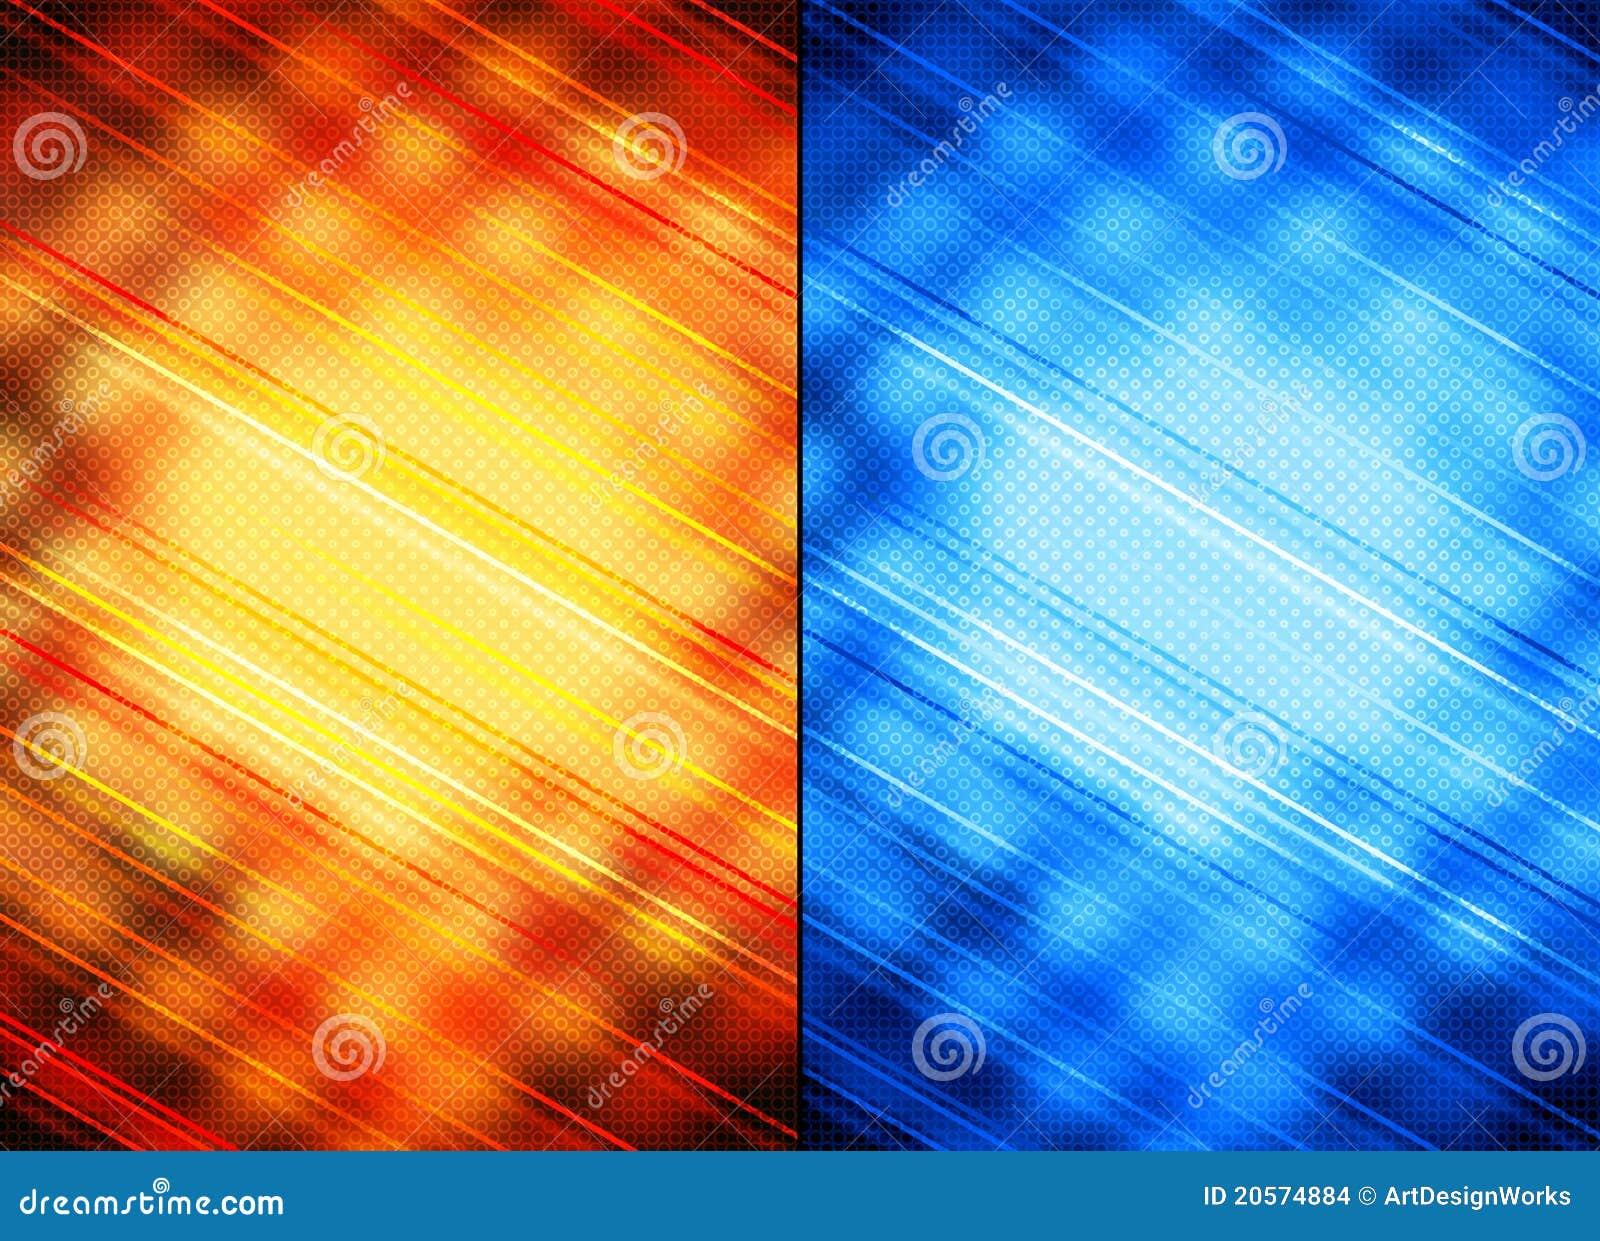 Fondos abstractos anaranjados y azules